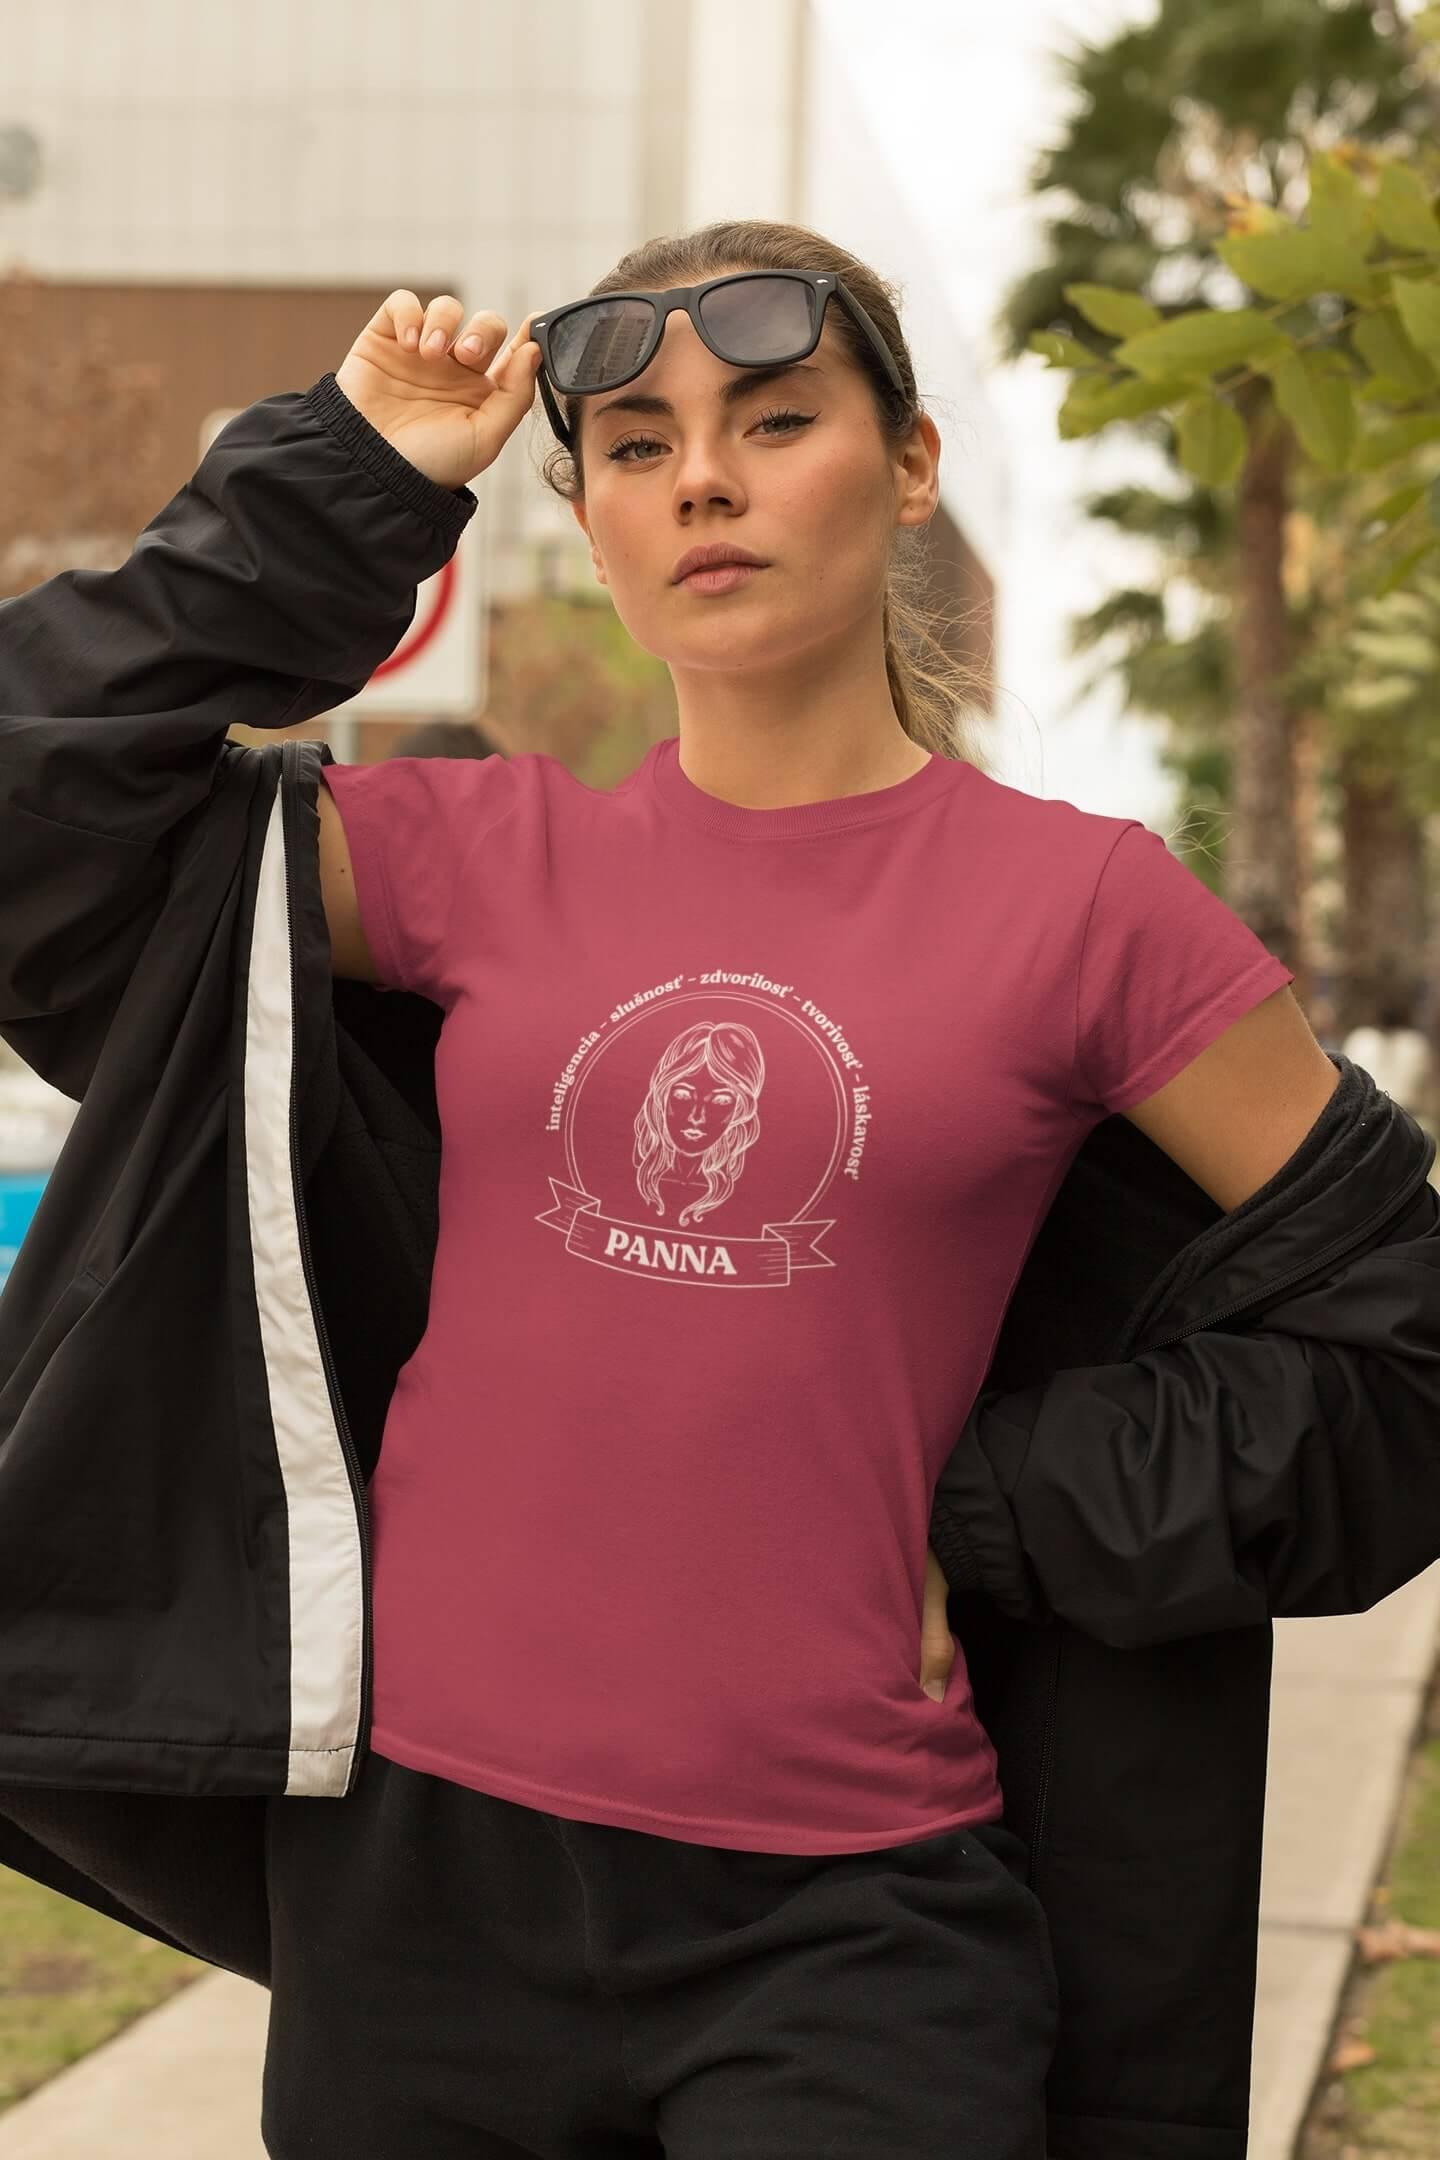 MMO Dámske tričko Panna Vyberte farbu: Purpurová, Vyberte veľkosť: XS